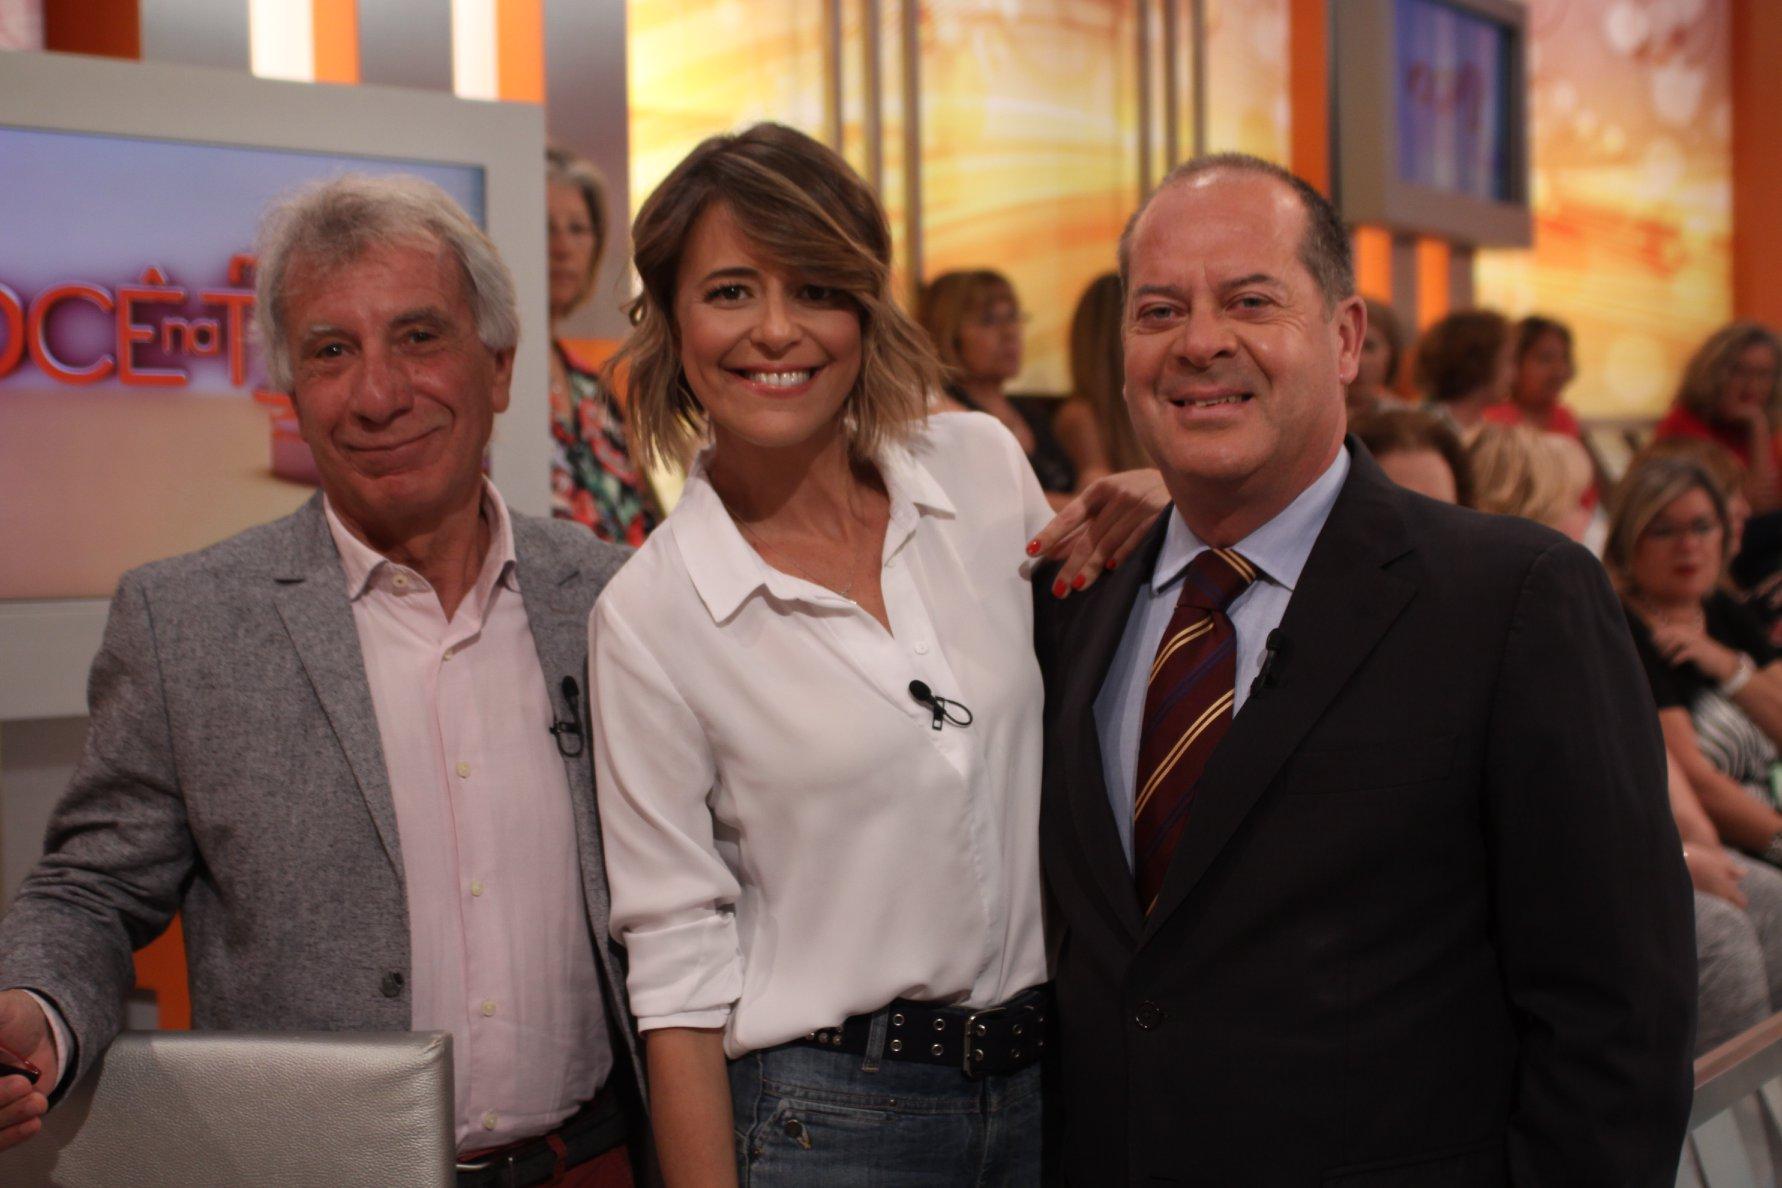 Leonor Poeiras Voce Na Tv 2 Leonor Poeiras Estreia-Se No «Você Na Tv» E É Criticada